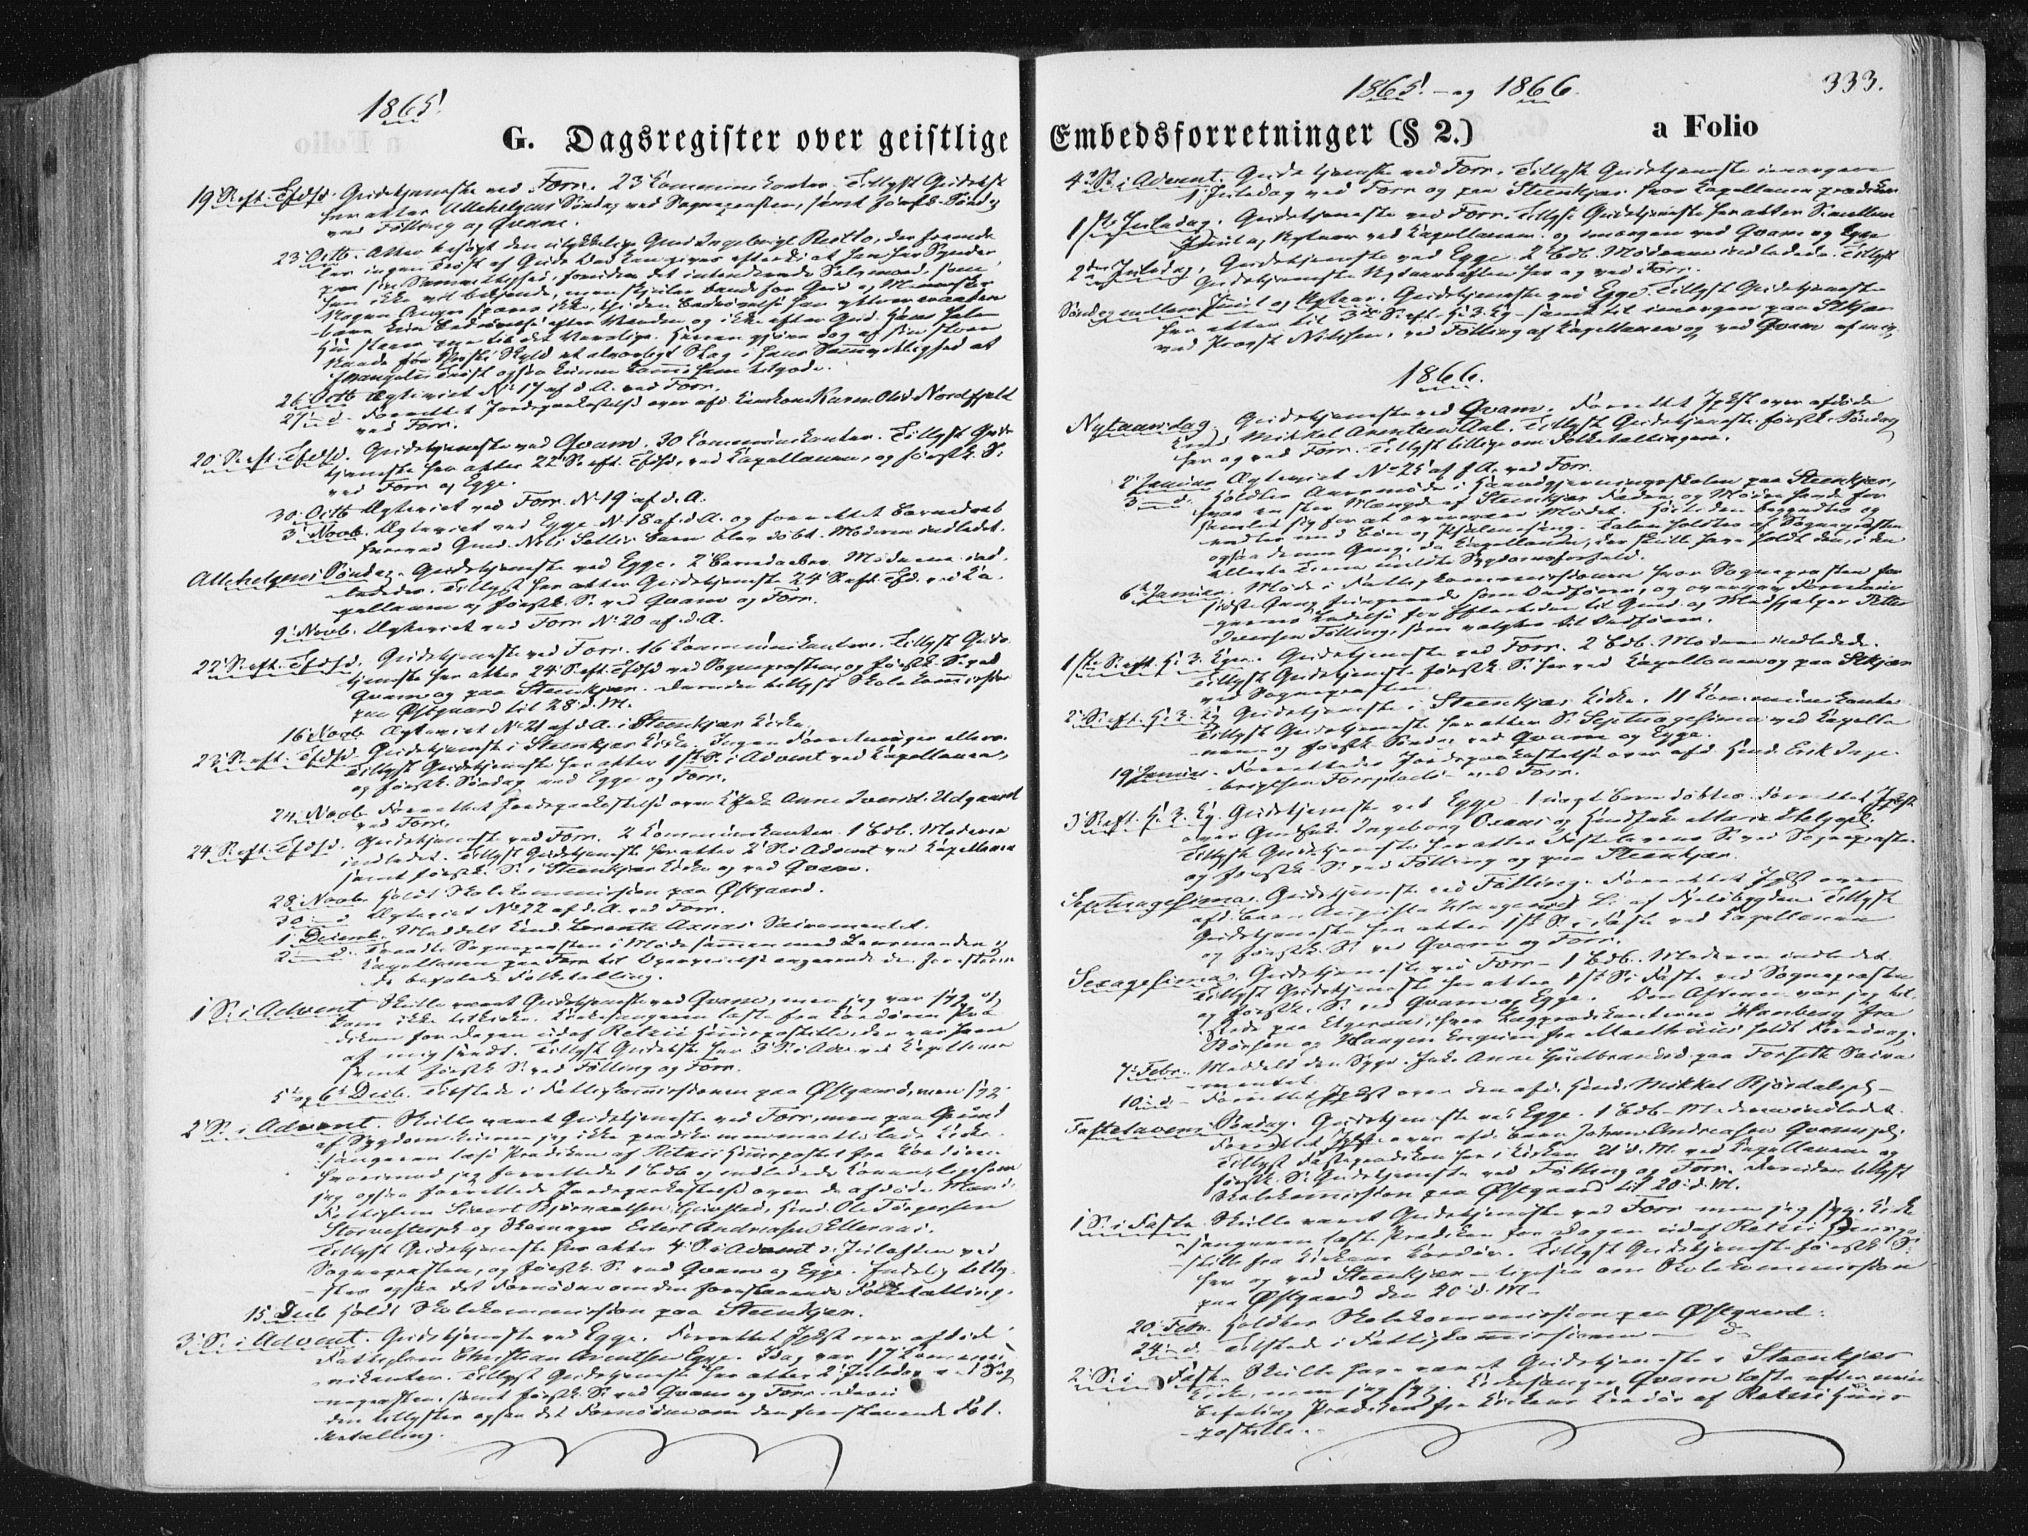 SAT, Ministerialprotokoller, klokkerbøker og fødselsregistre - Nord-Trøndelag, 746/L0447: Ministerialbok nr. 746A06, 1860-1877, s. 333